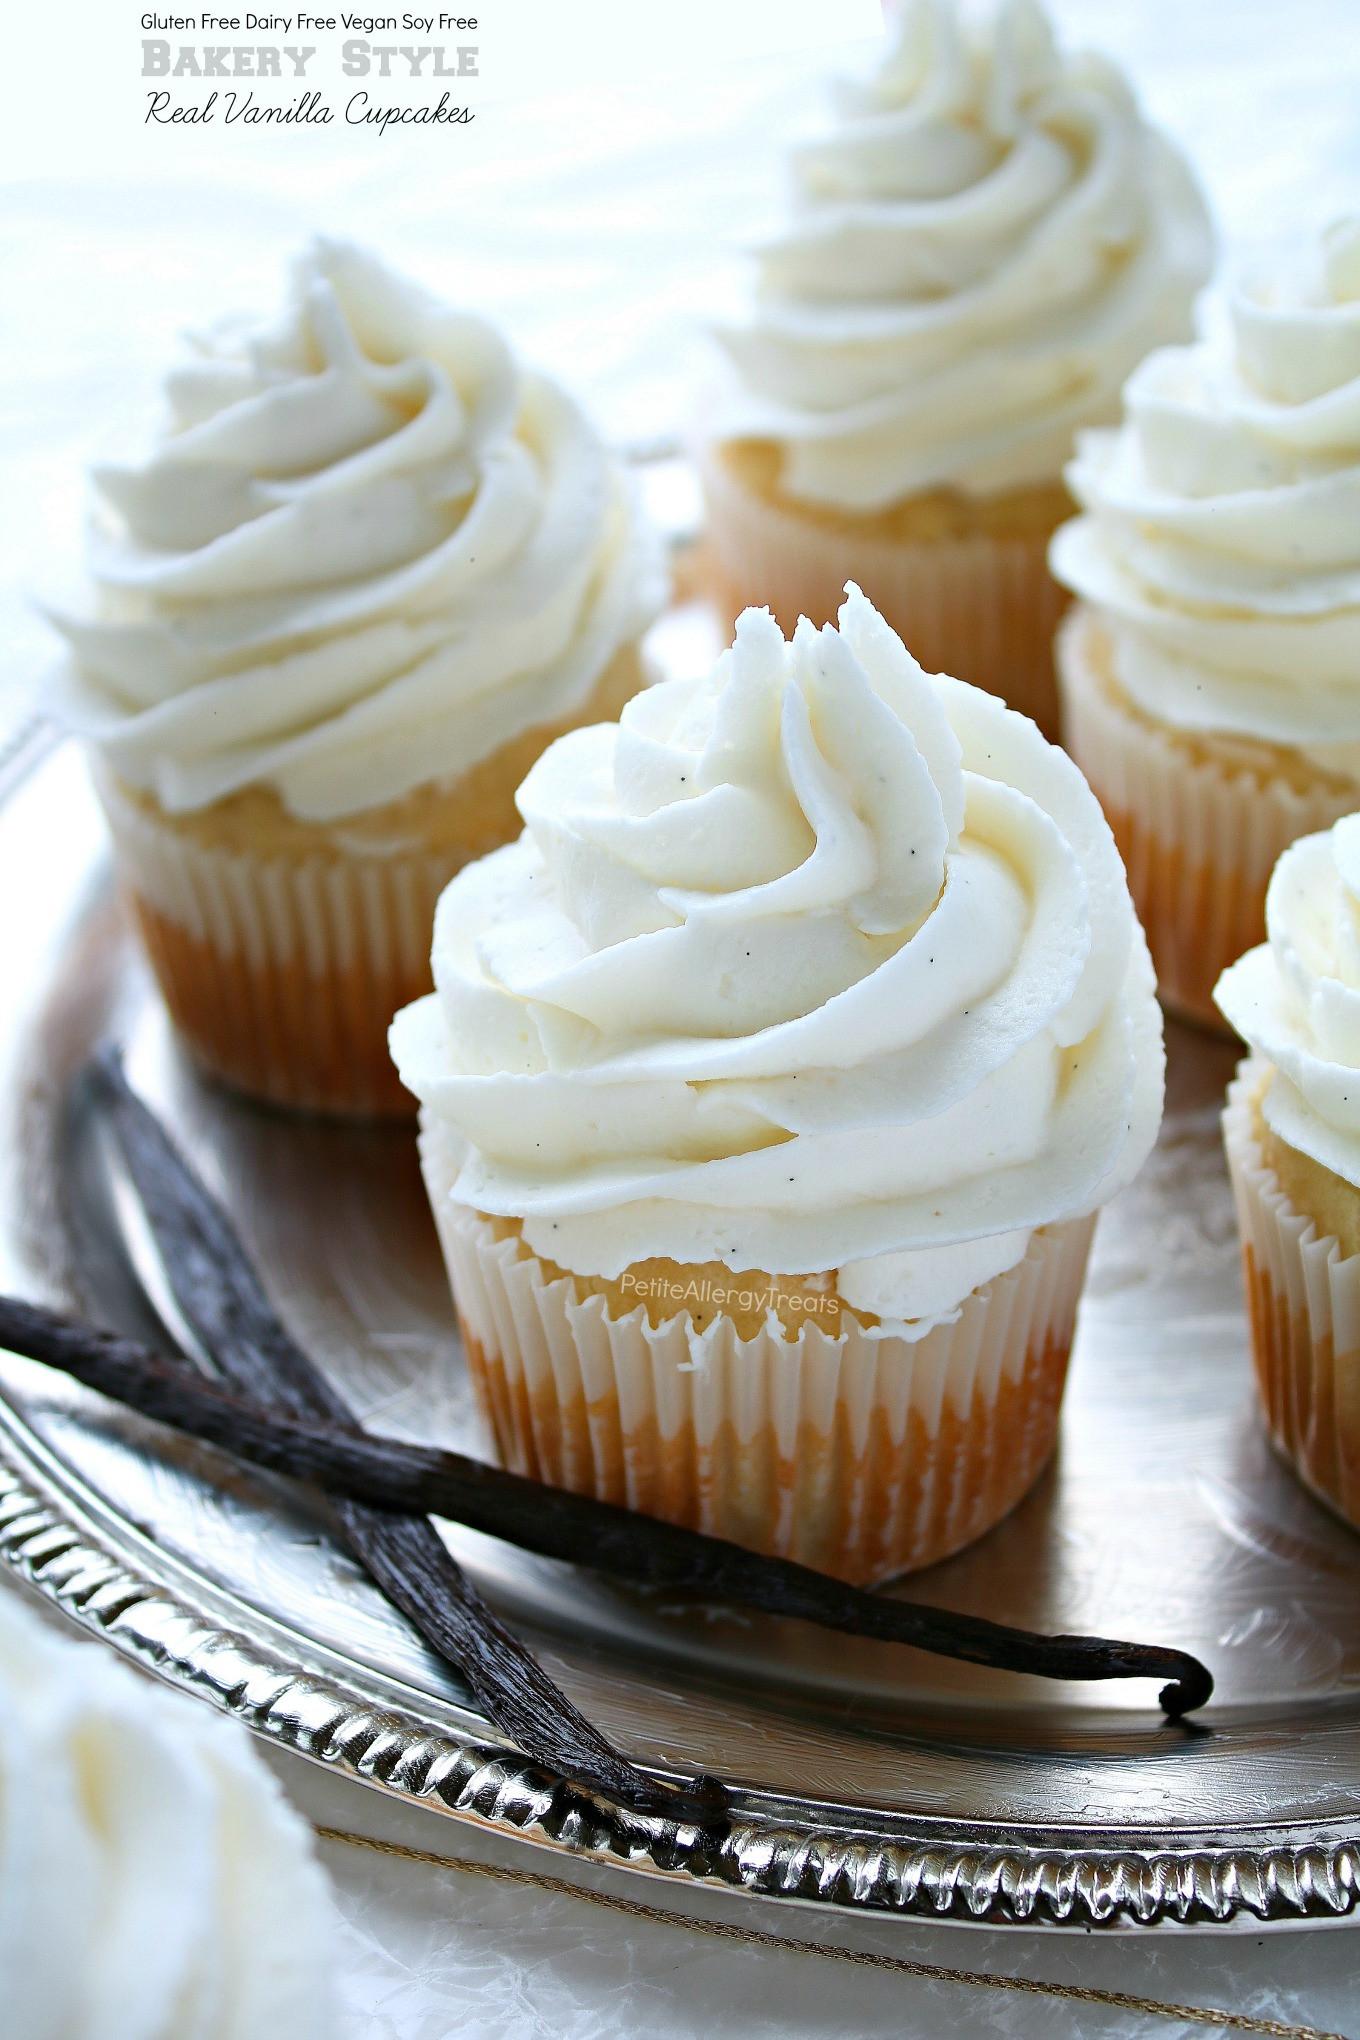 Gluten Free Cupcakes Recipe  Bakery Style Gluten Free Vanilla Cupcakes & Allergy Amulet